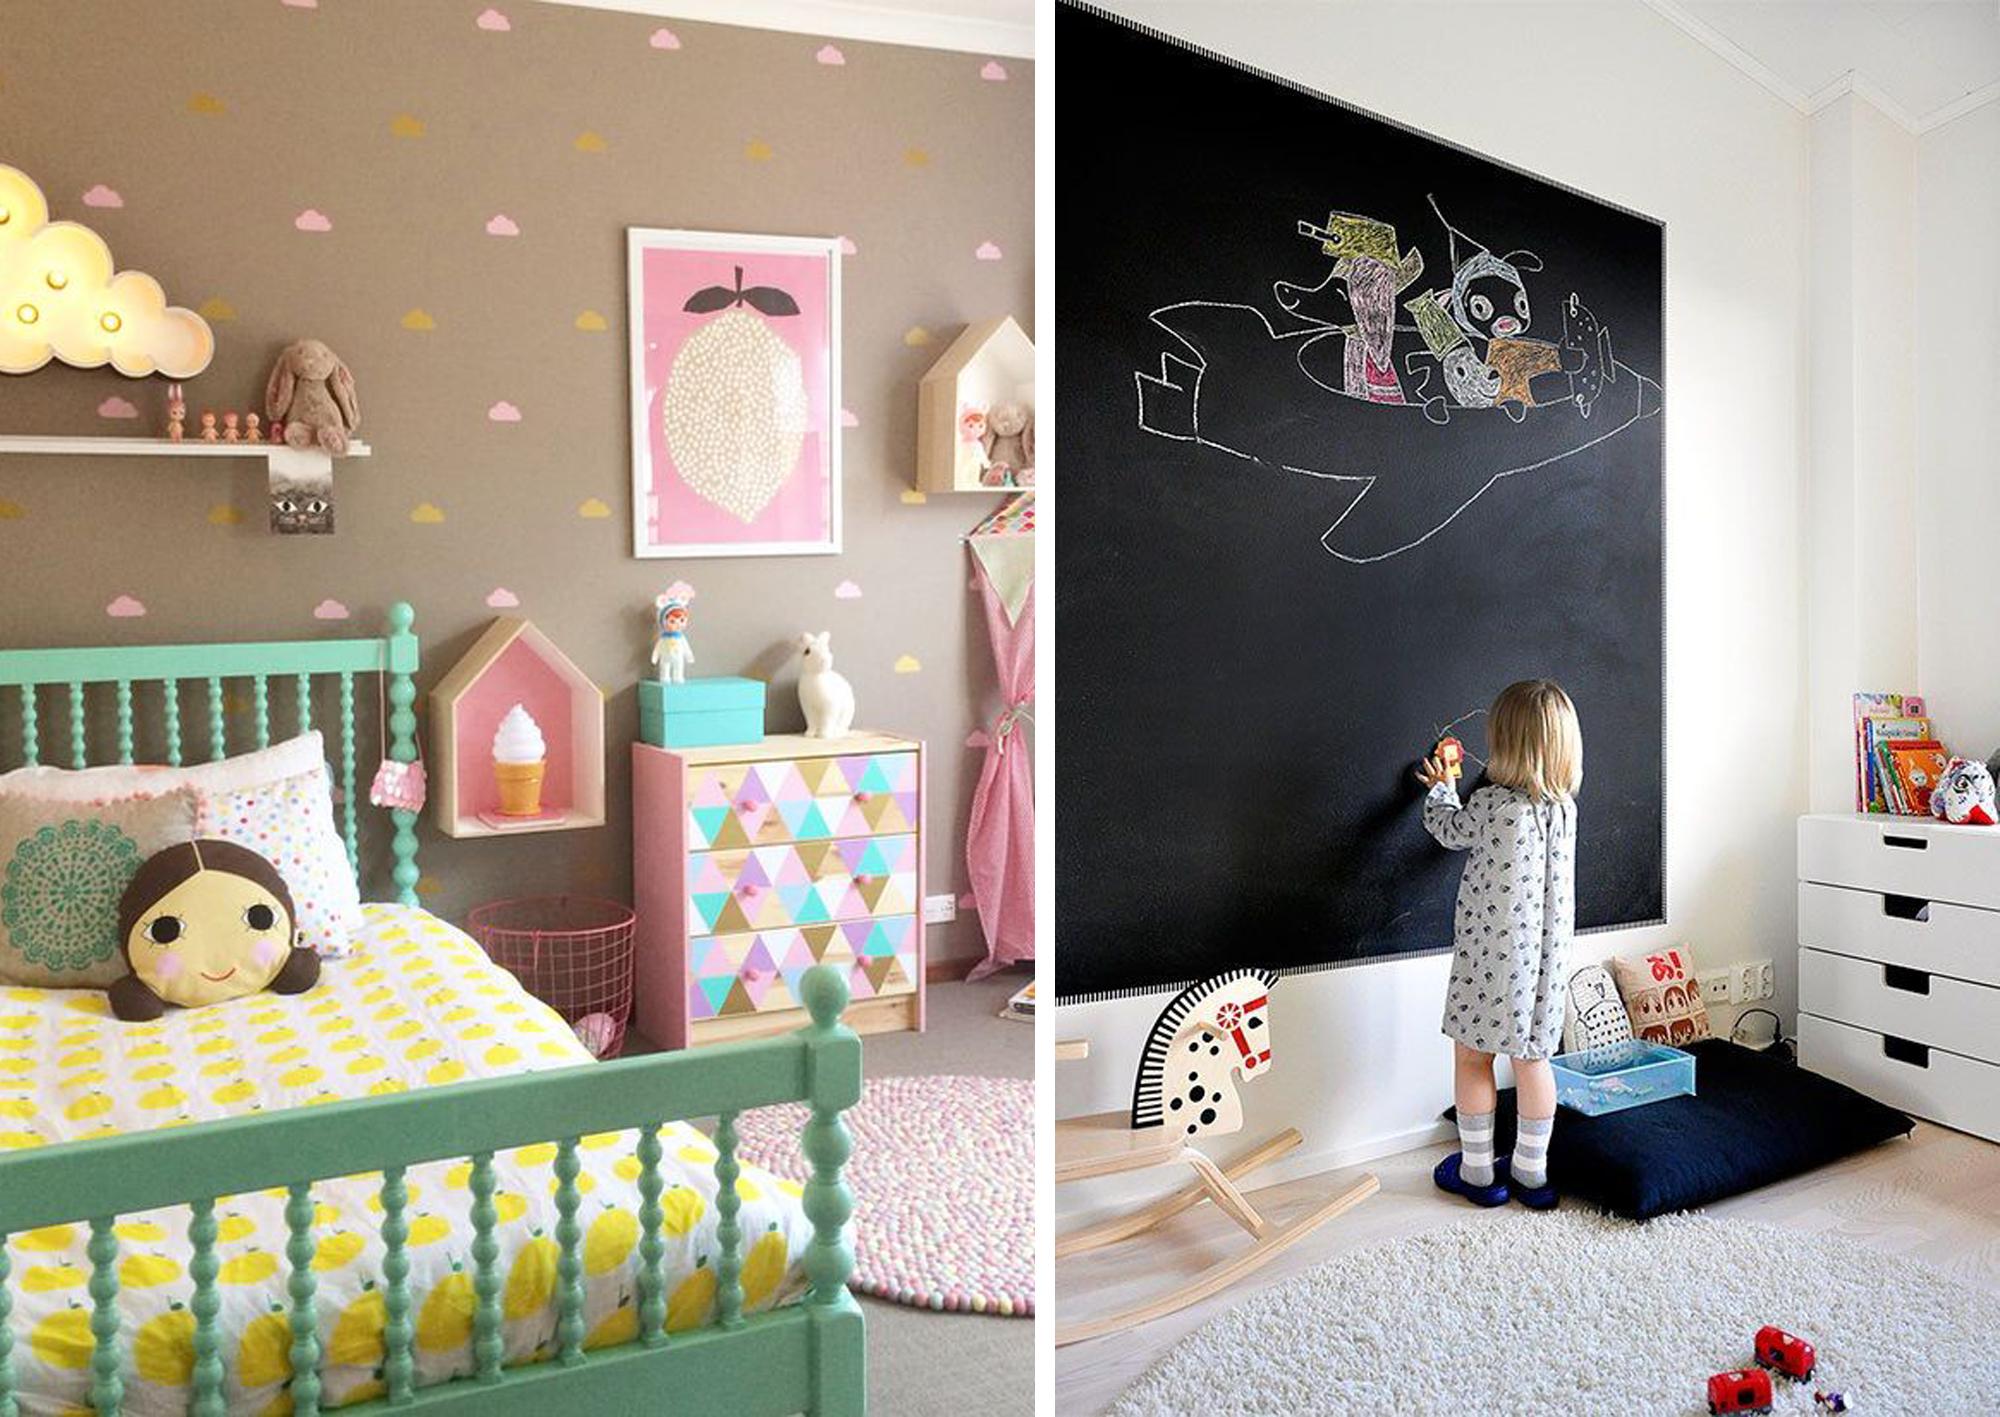 La cameretta dei bambini la fantasia si trasforma in - Idee per pitturare una cameretta ...